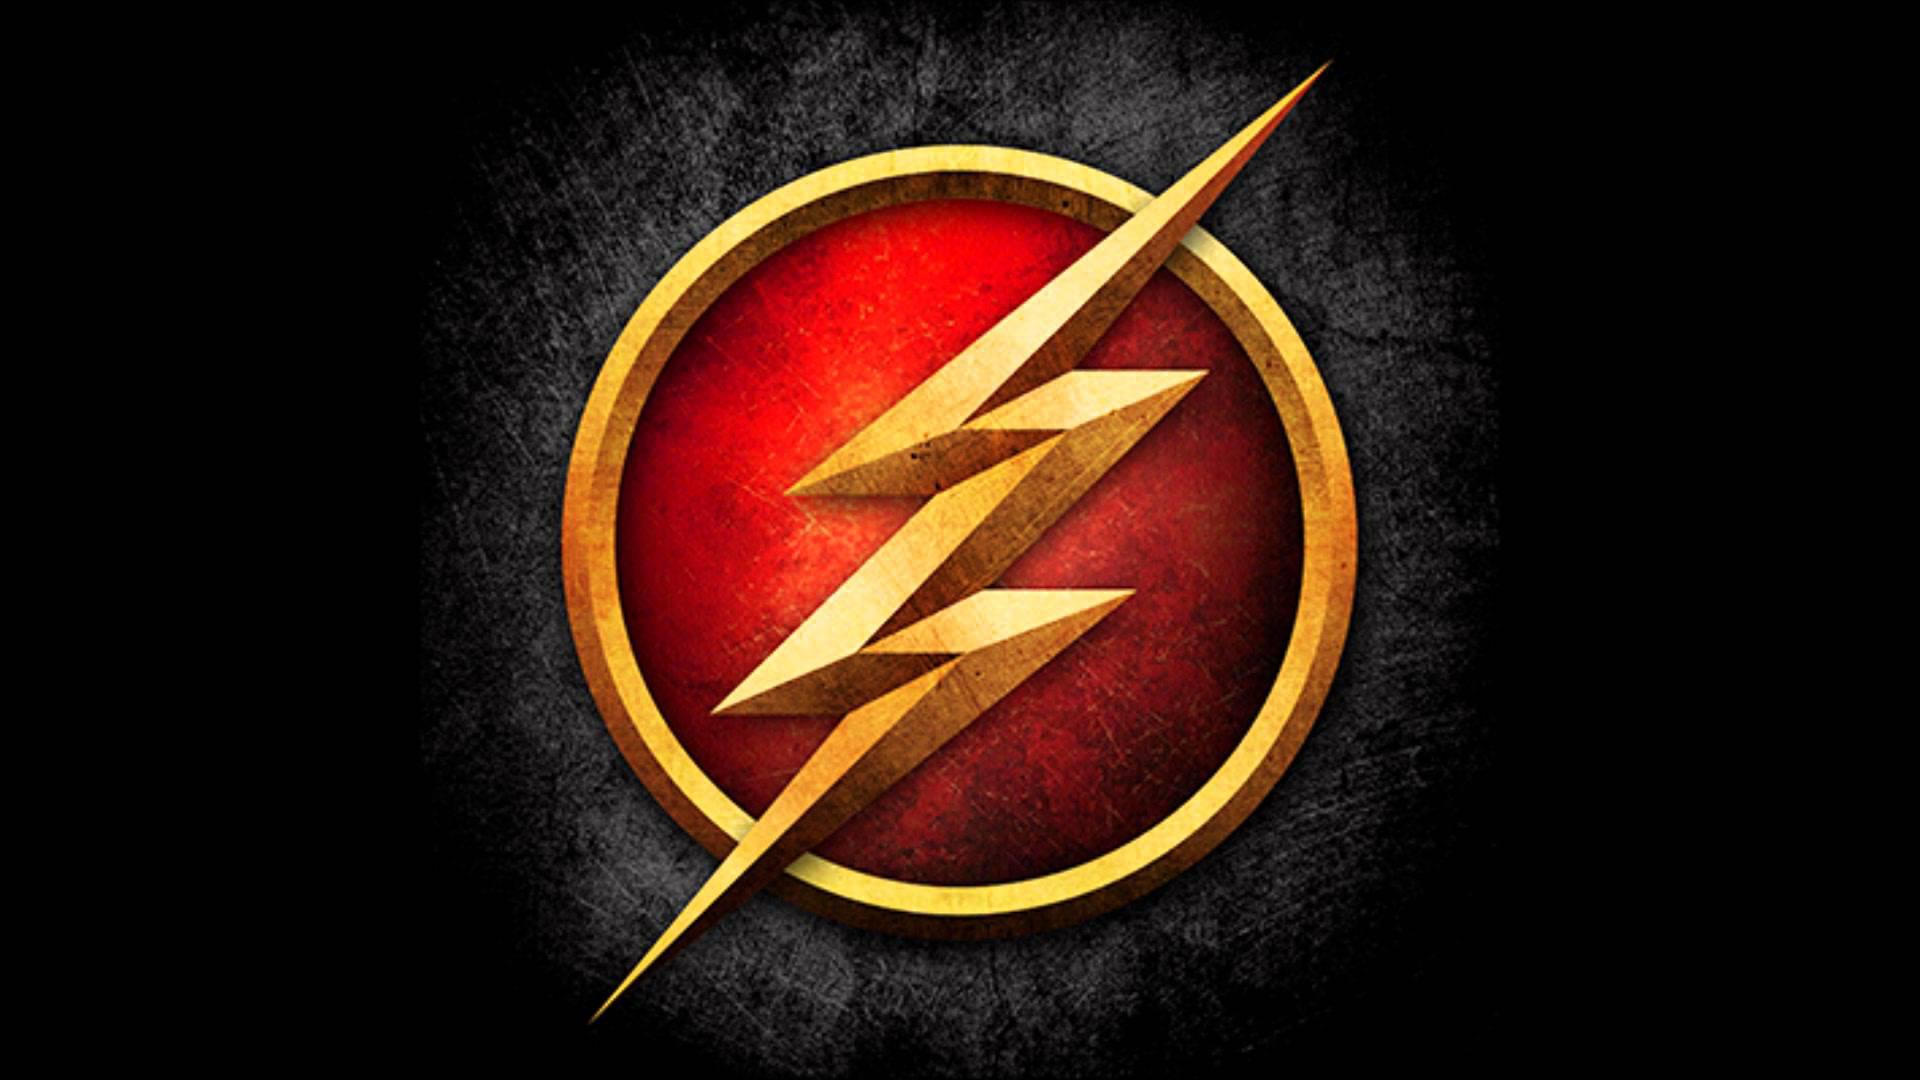 700+ Wallpaper Hd Android The Flash  Paling Baru